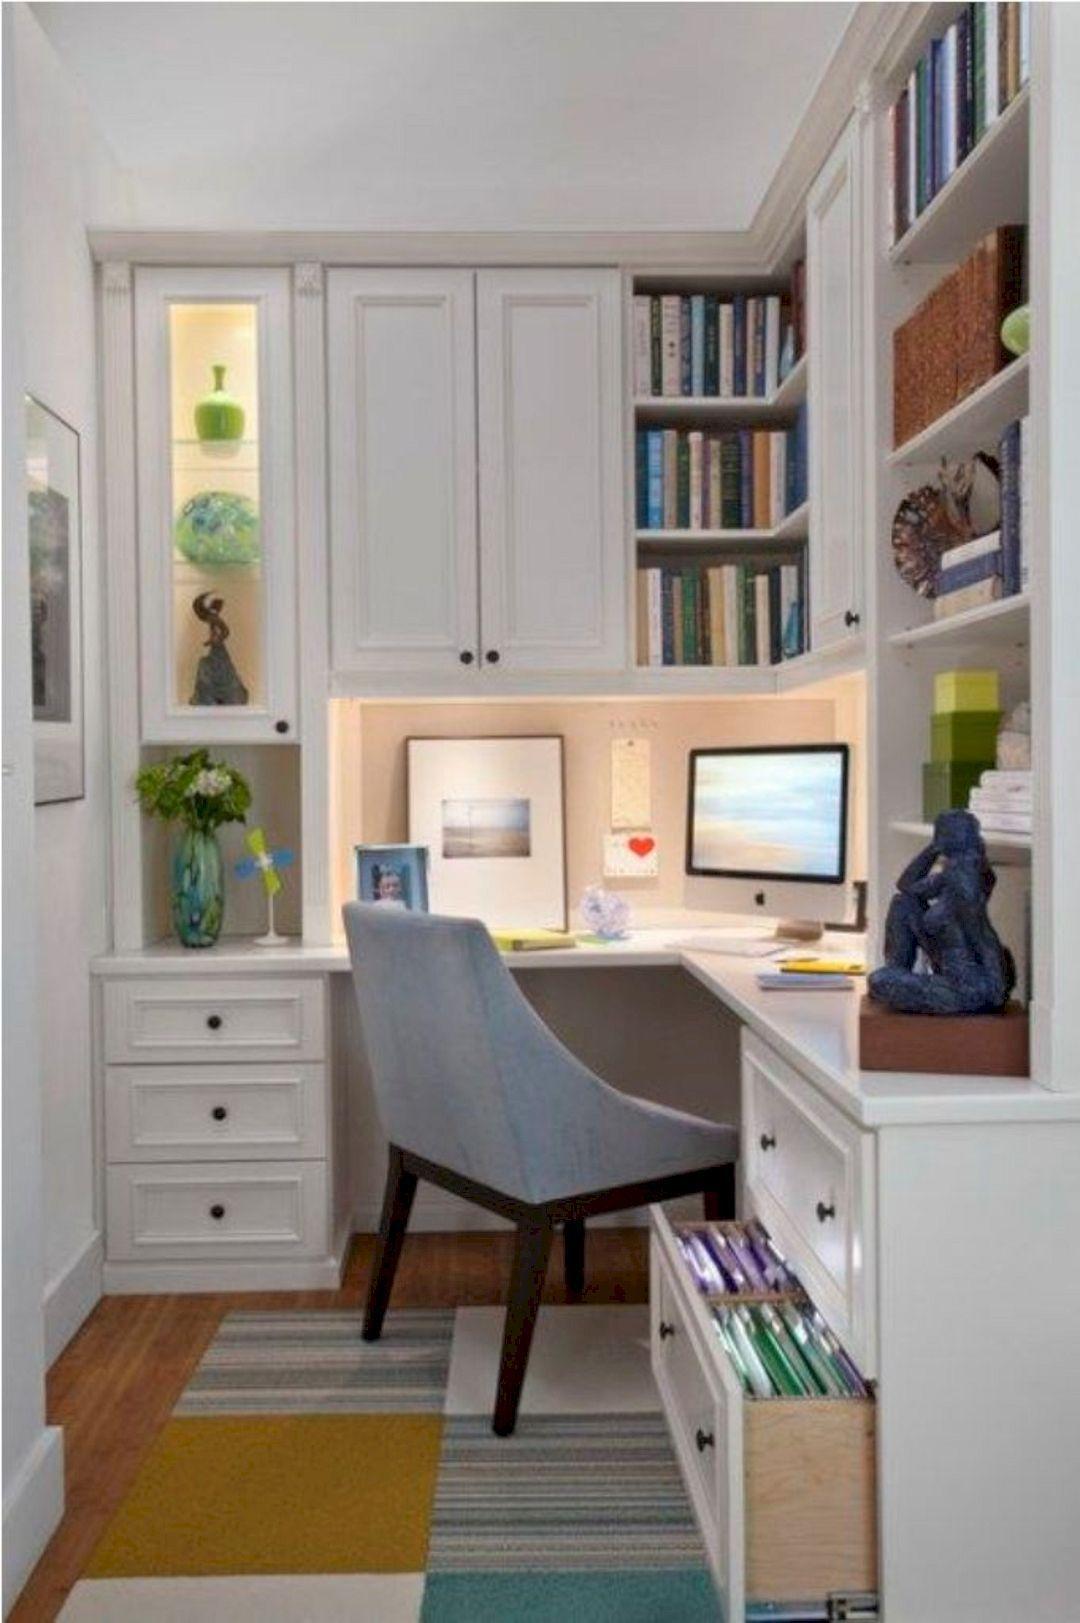 16 Tiny House Interior Design Ideas: Small Home Offices, Home Office Design, Home Office Decor